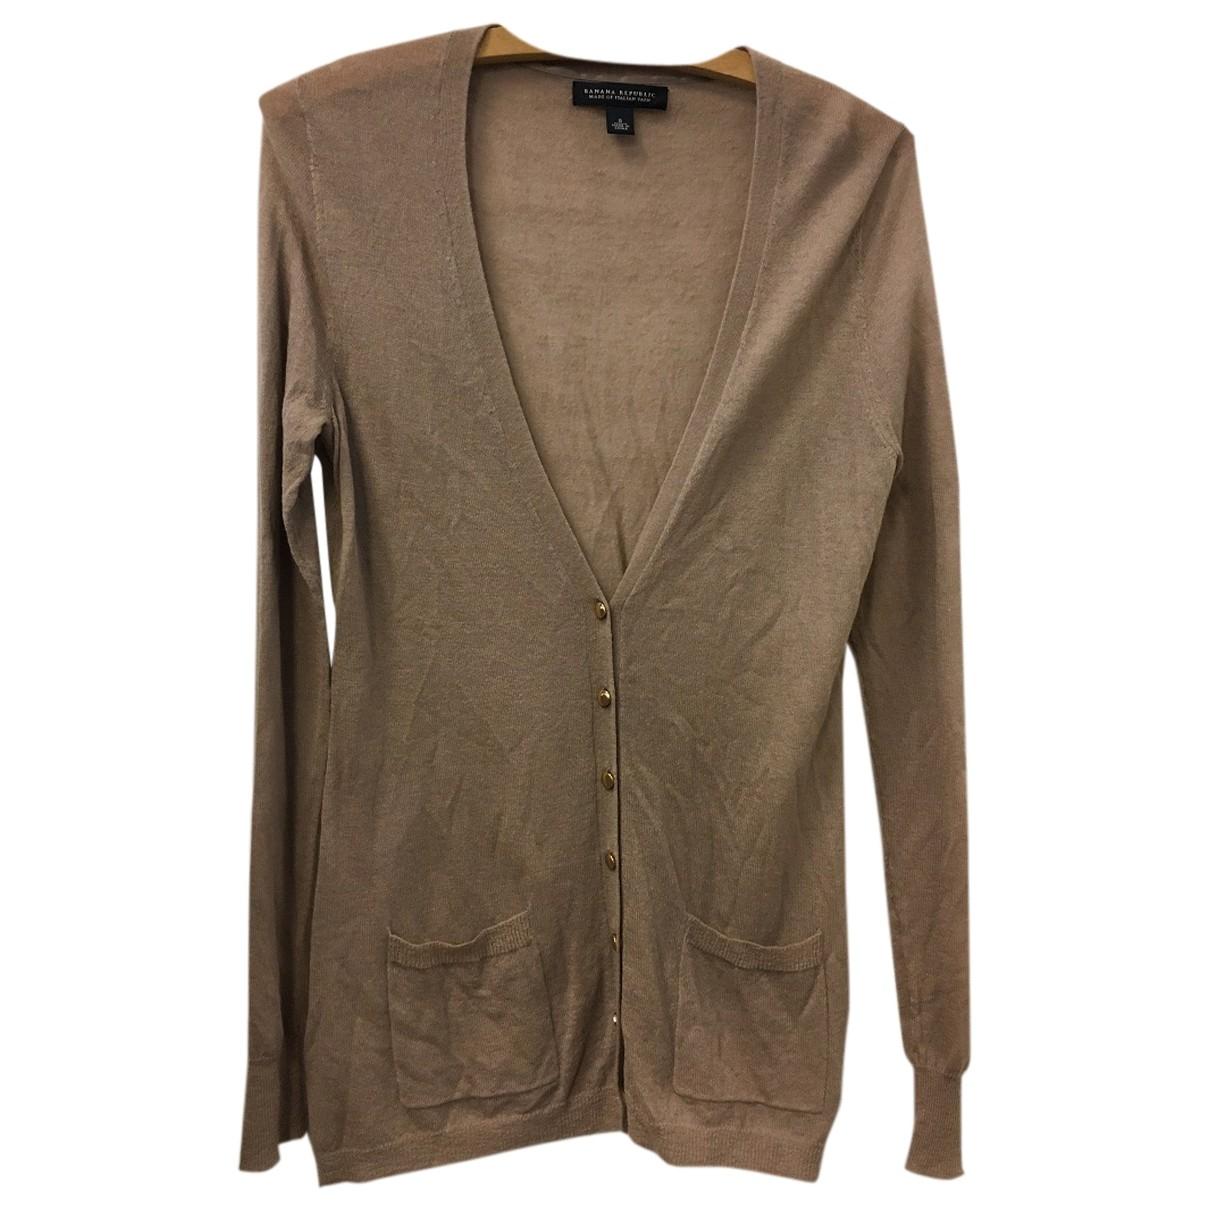 Banana Republic - Pull   pour femme en laine - marron